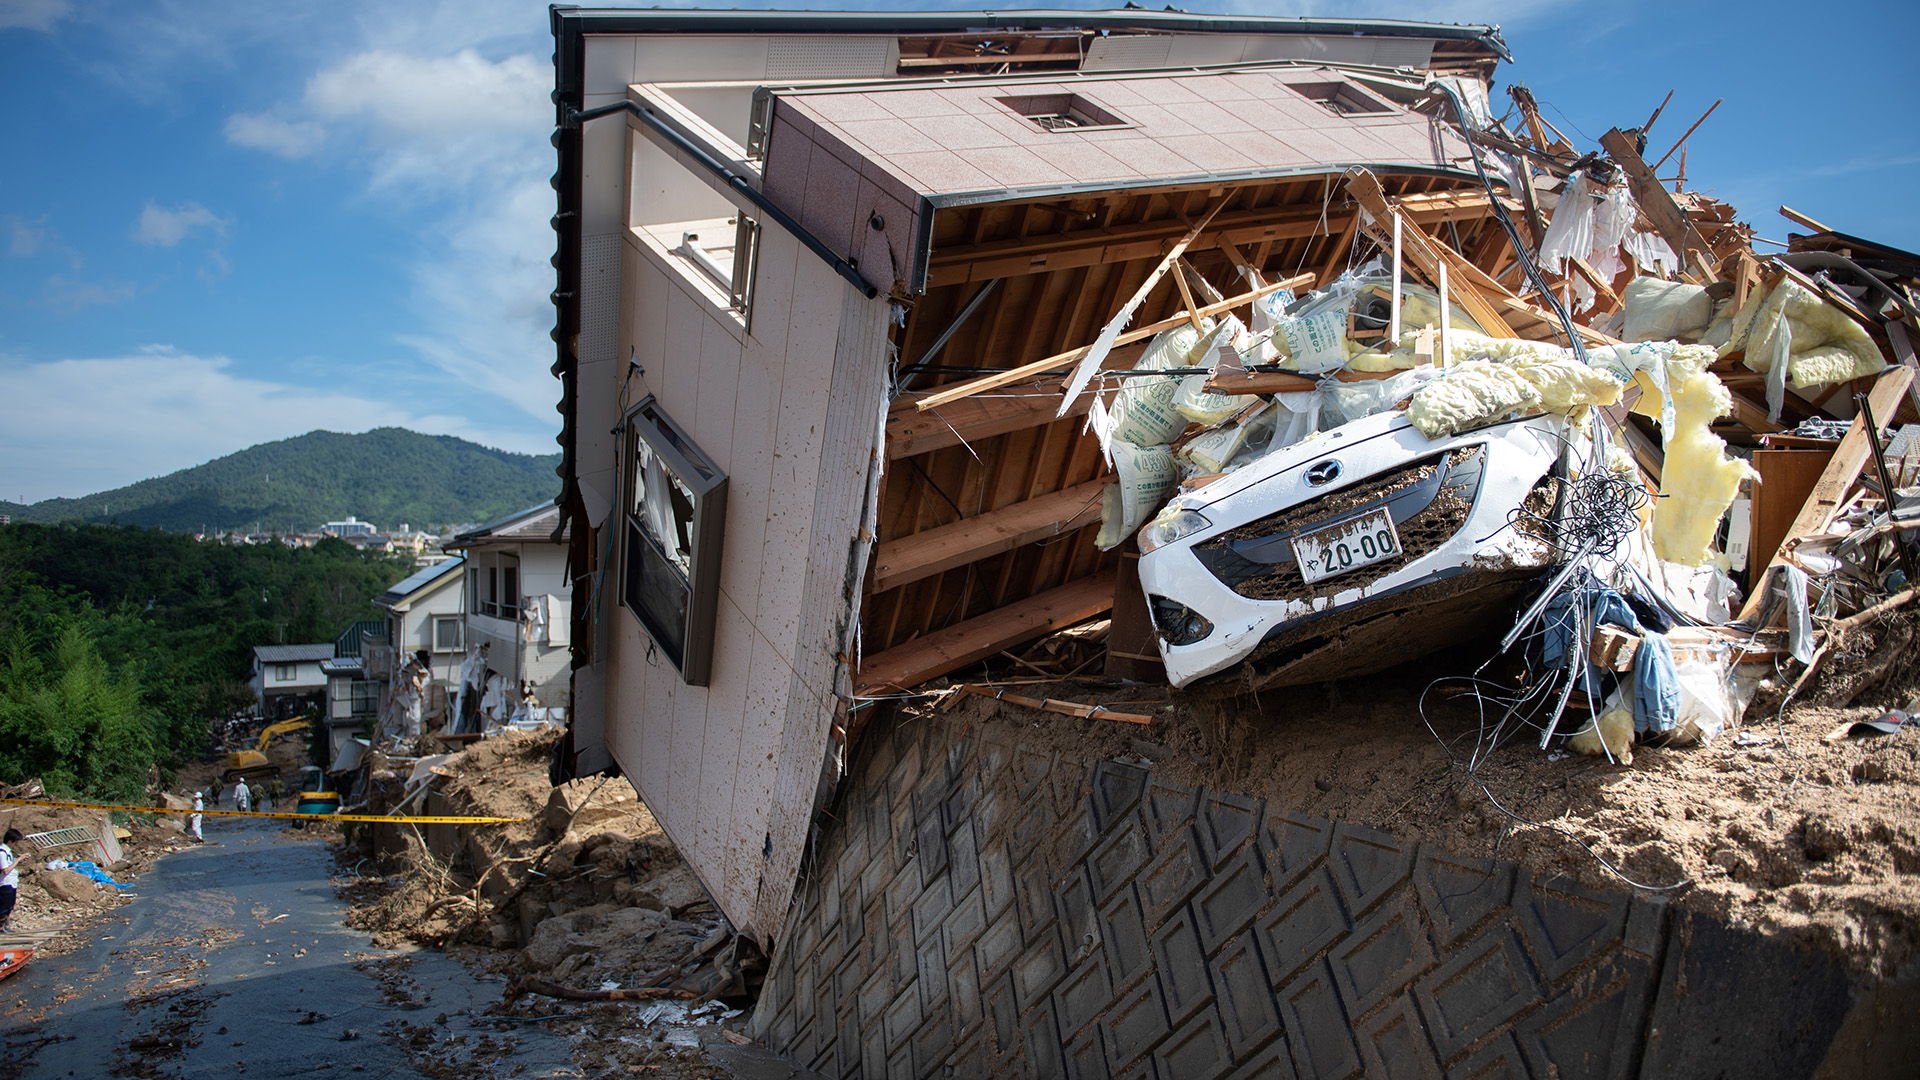 La mayoría de los muertos y desaparecidos resultaron arrastrados por las crecidas de ríos o desbordes de diques, o atrapados en corrimientos de tierra y derrumbes de edificios provocados por las precipitaciones, que alcanzaron los 1.600 milímetros acumulados en algunos puntos, el mayor nivel registrado desde 1976